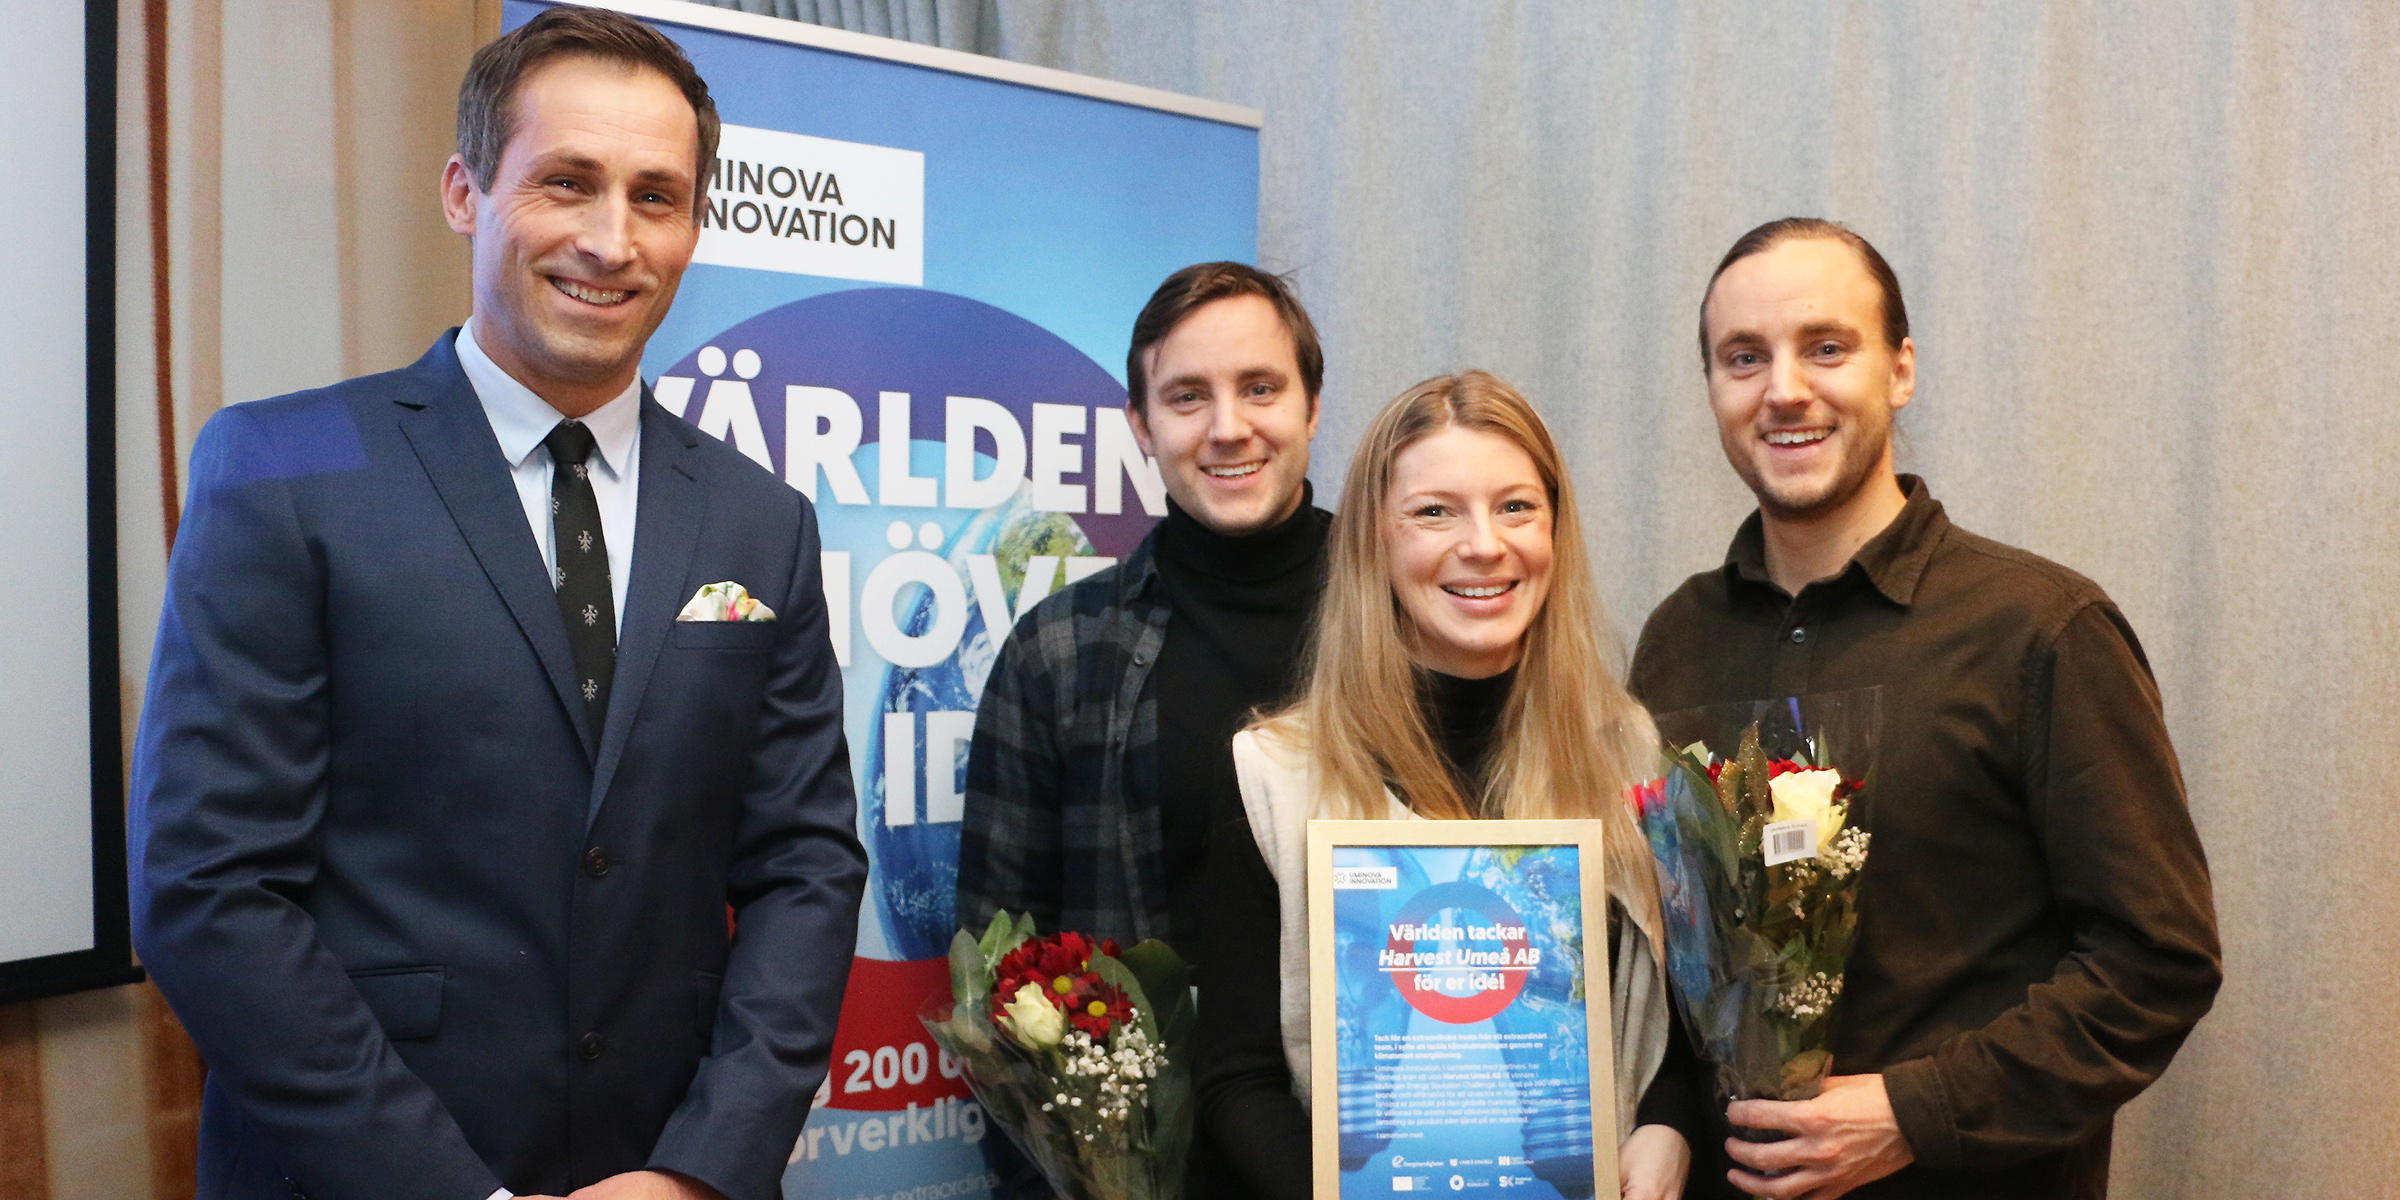 Från vänster Johan Hedengran, affärsutvecklare Uminova Innovation, tillsammans med vinnarna Tobias Remes, Ellen Bergström och Daniel Remes.